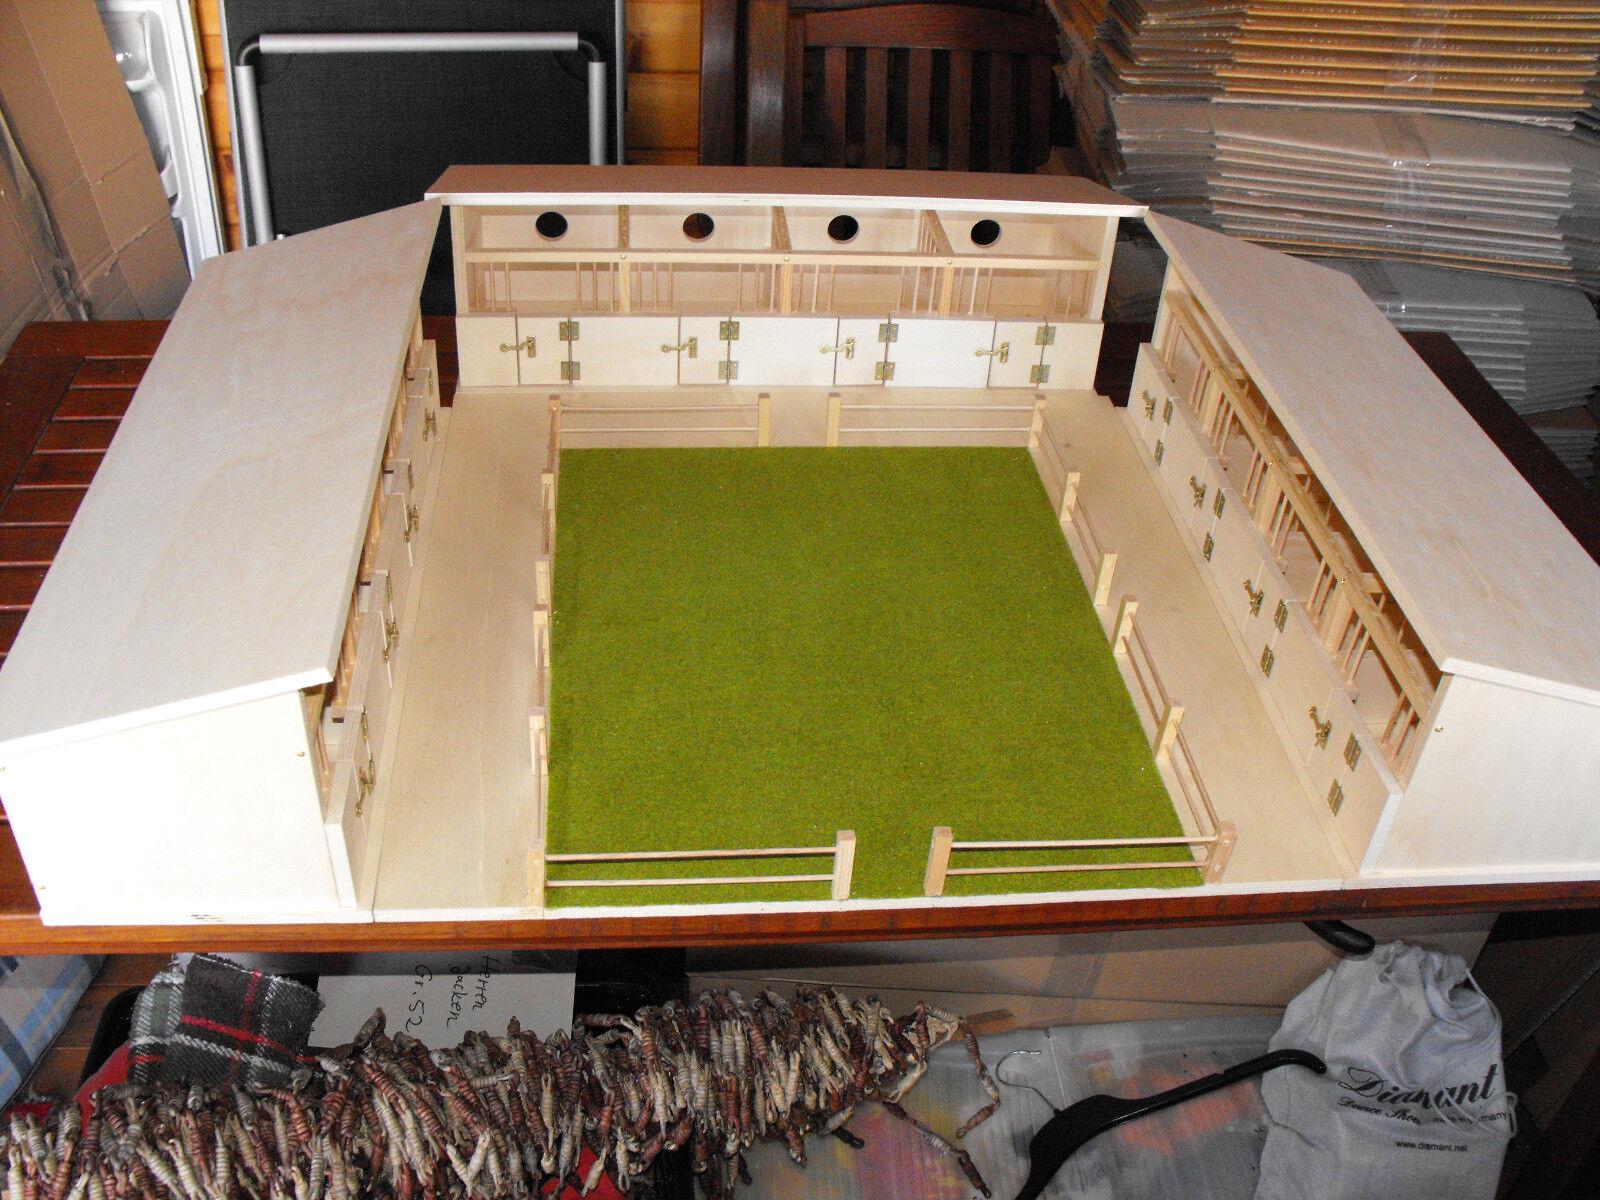 Komplett-Set  3 Pferdeställe mit Boxen und Reitplatz für u.a. Schleich-Pferde